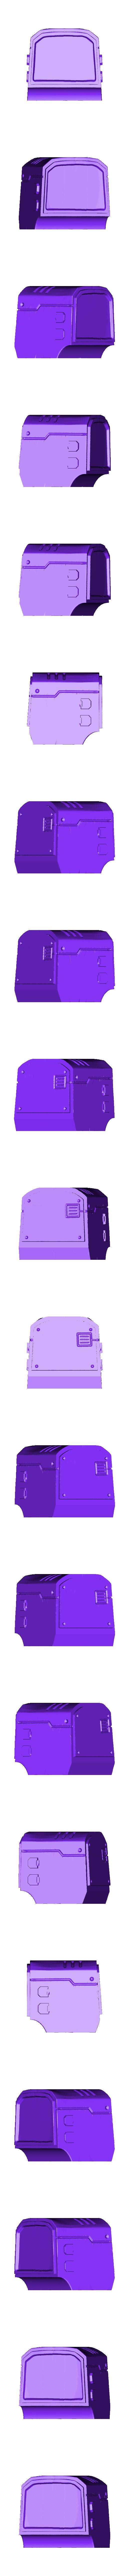 Luis_Furniture_processor_monitor.stl Télécharger fichier STL gratuit Ensemble de meubles inspiré par Wolfenstein pour le jeu de guerre • Modèle pour imprimante 3D, El_Mutanto